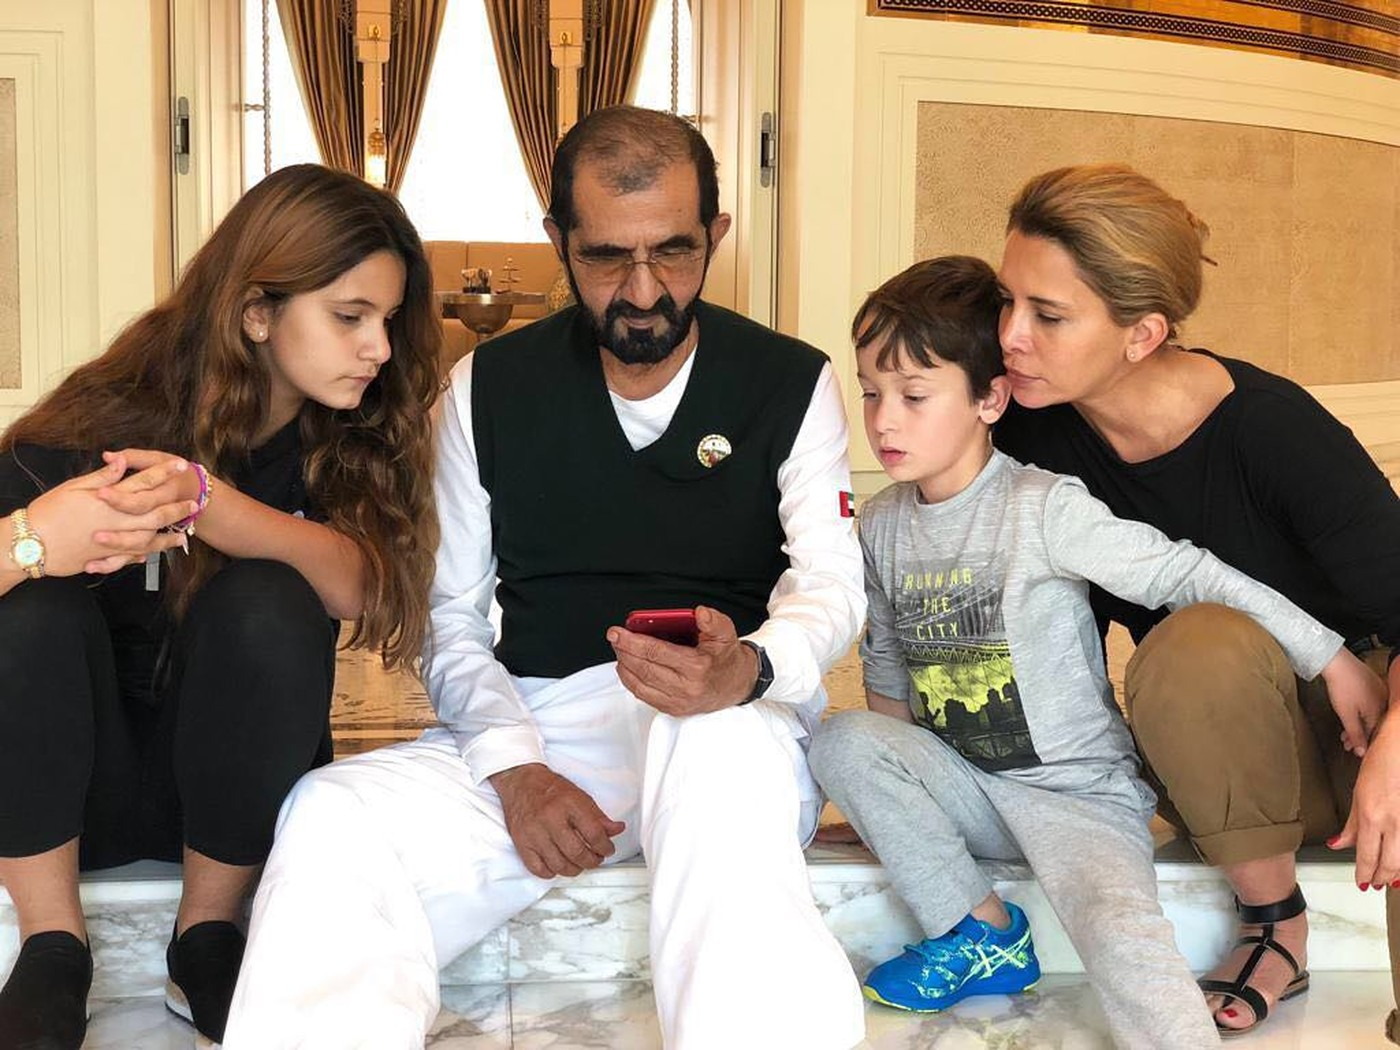 الأميرة هيا مع زوجها محمد بن راشد وأبنائهما